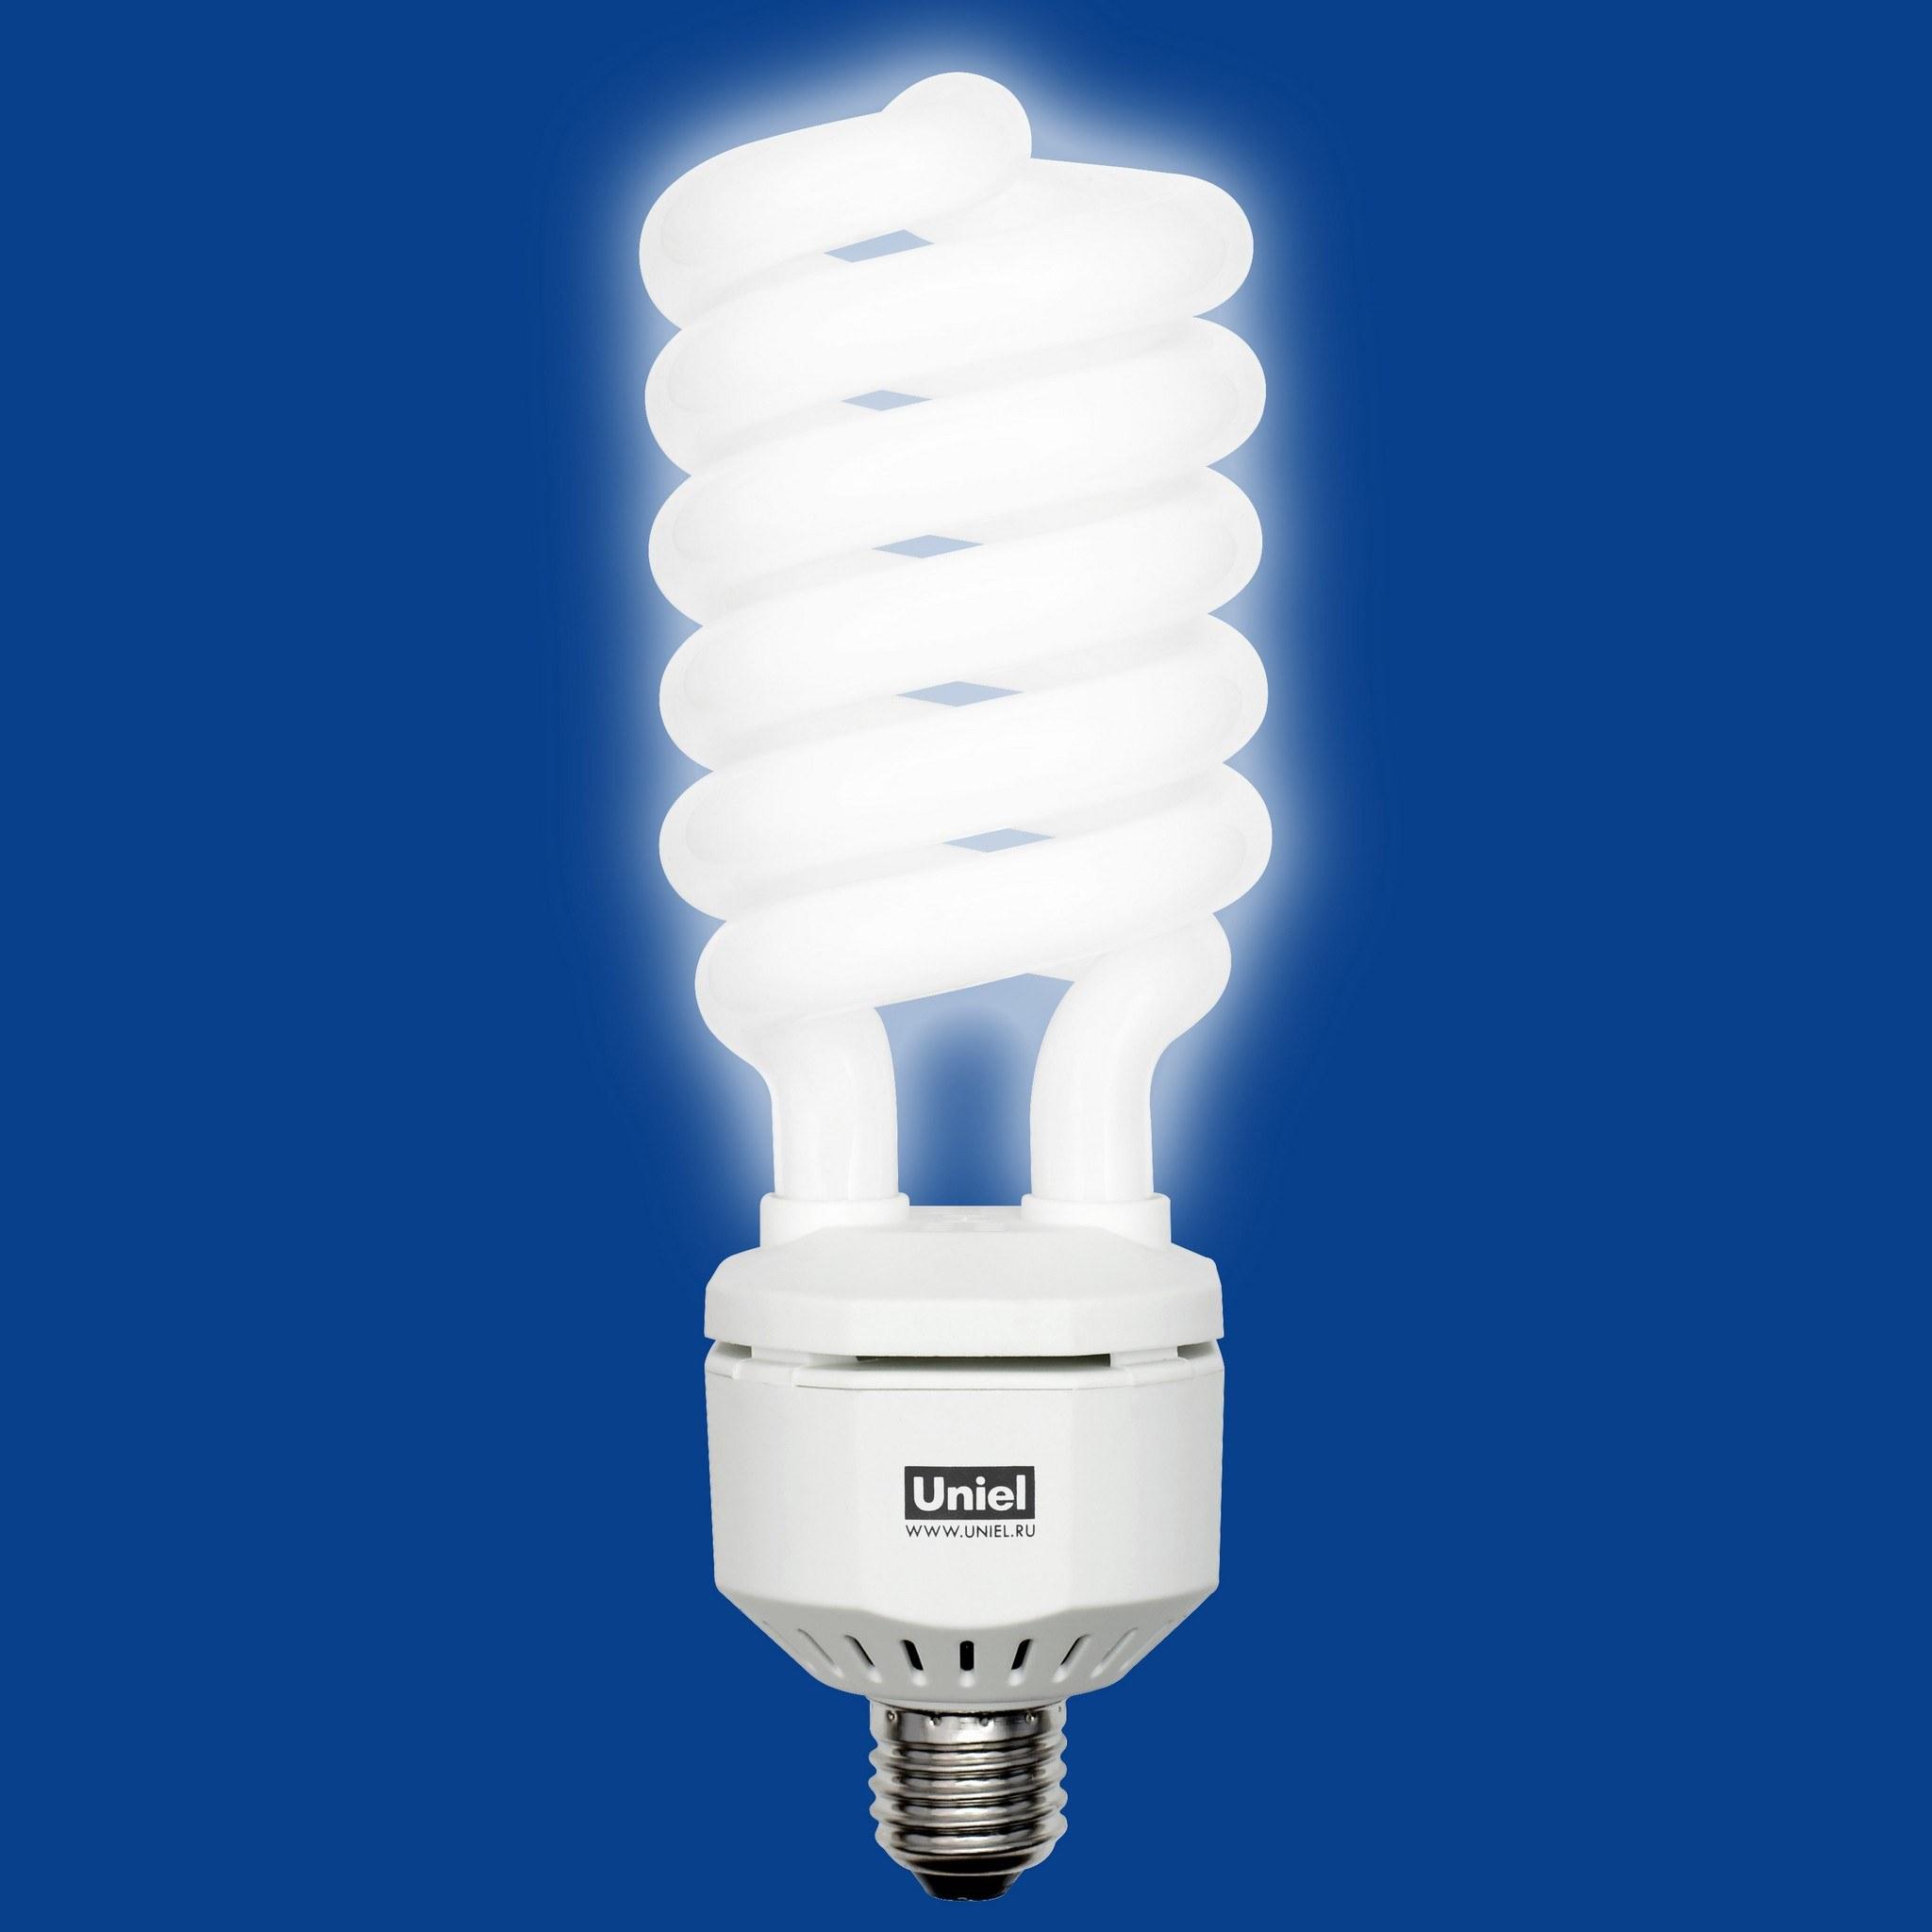 Сколько лампочка потребляет